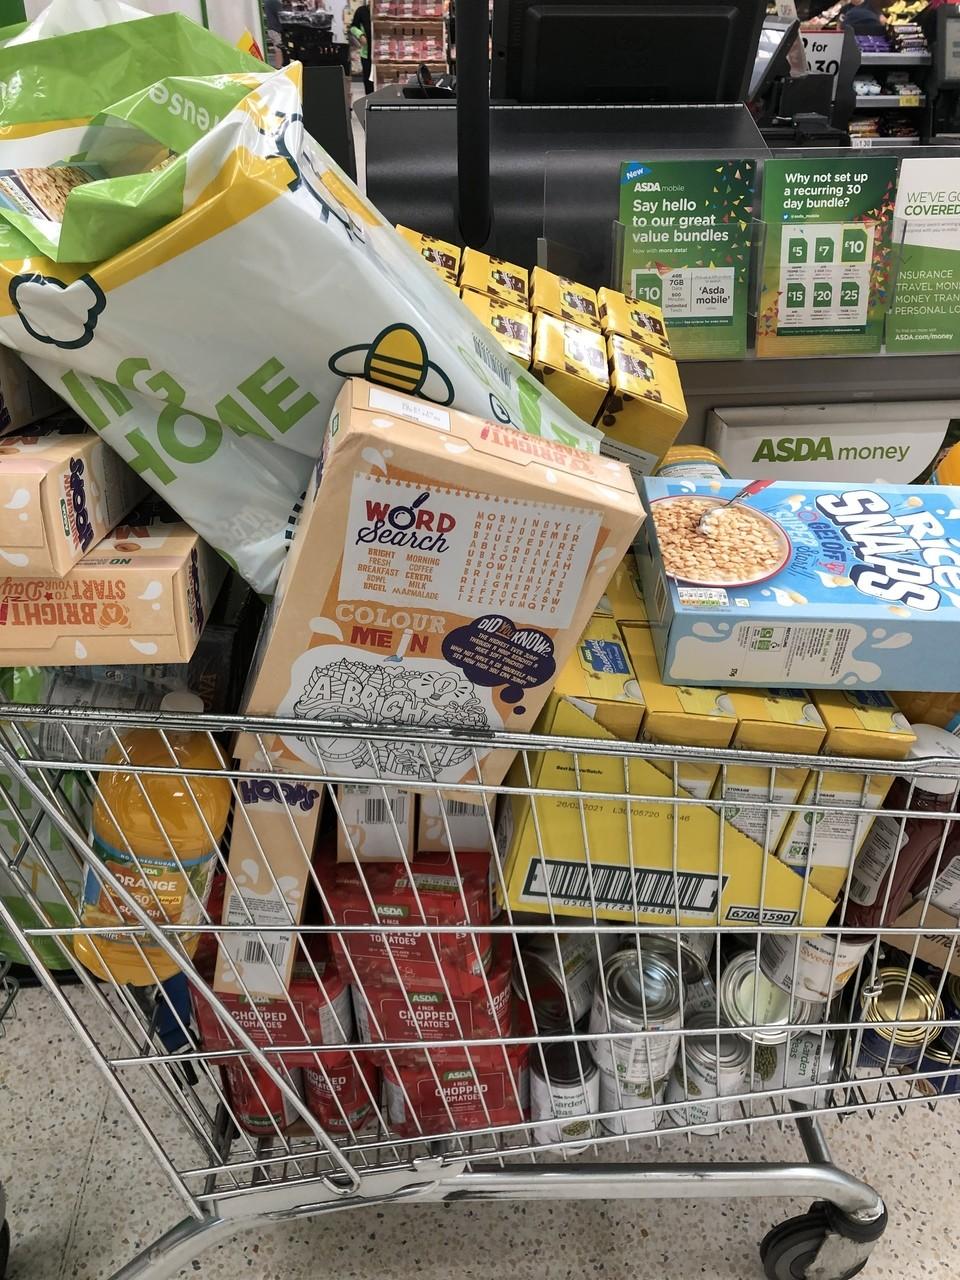 Food parcels for children | Asda Nottingham West Bridgford